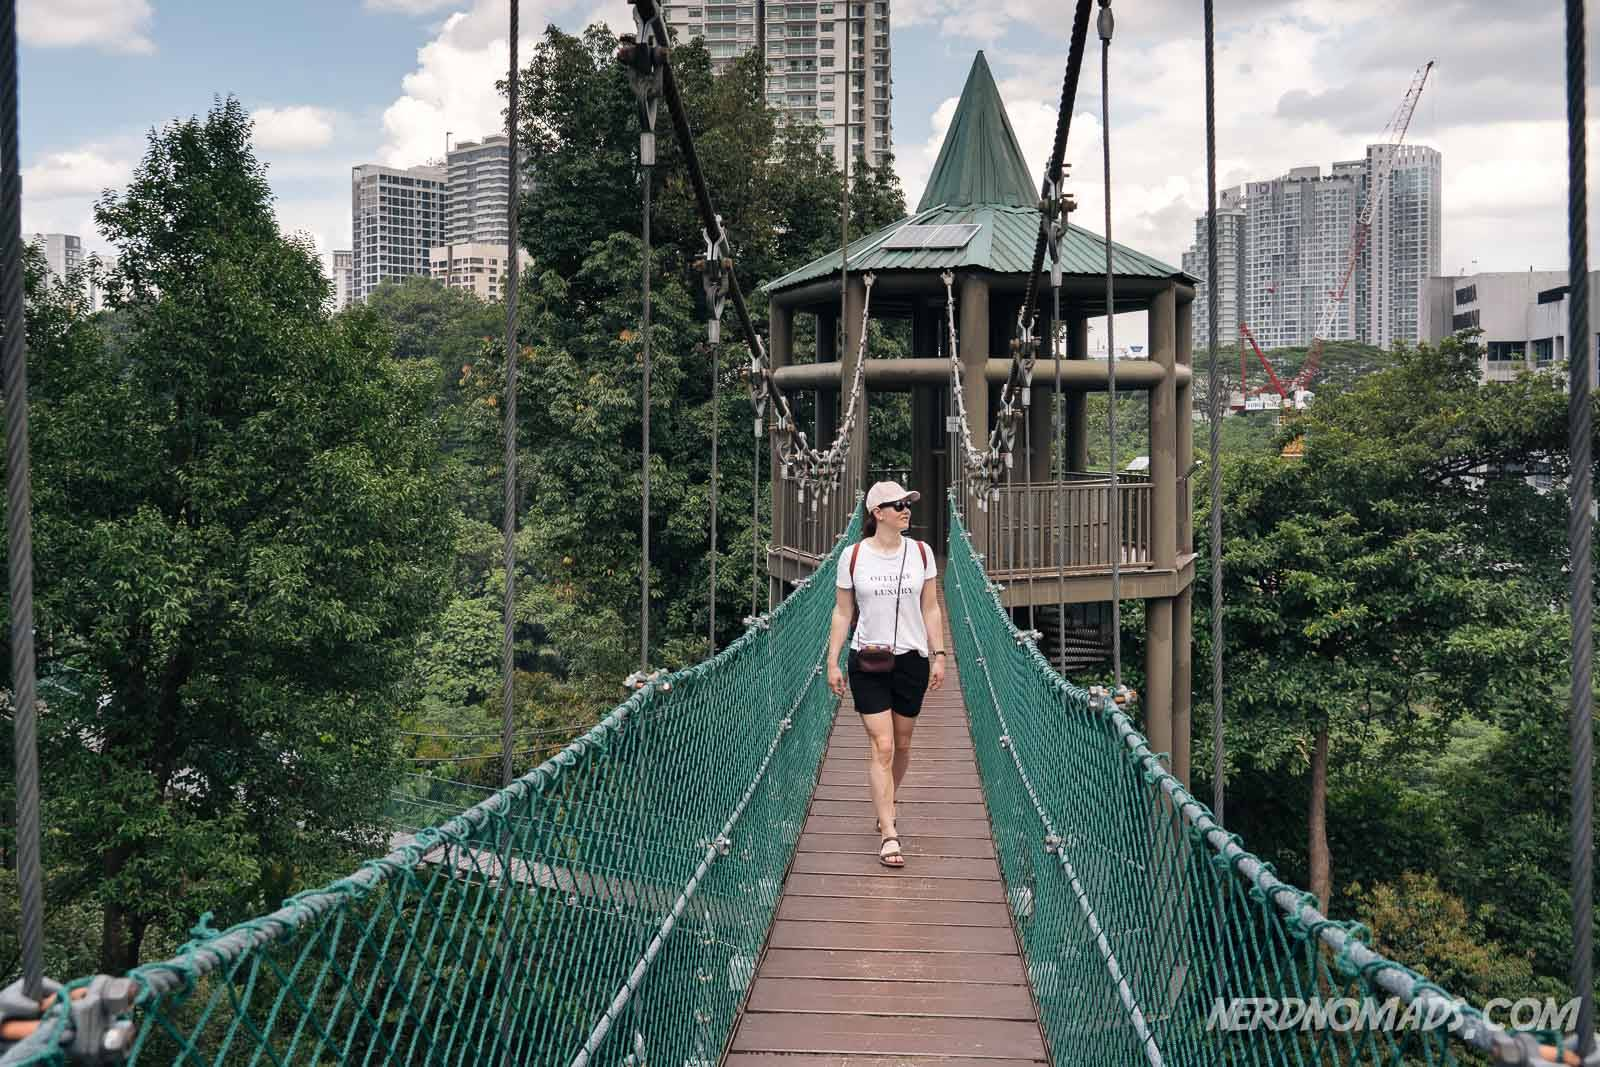 Get A Bird's-Eye View of Kuala Lumpur City - KL Tower - Nerd Nomads